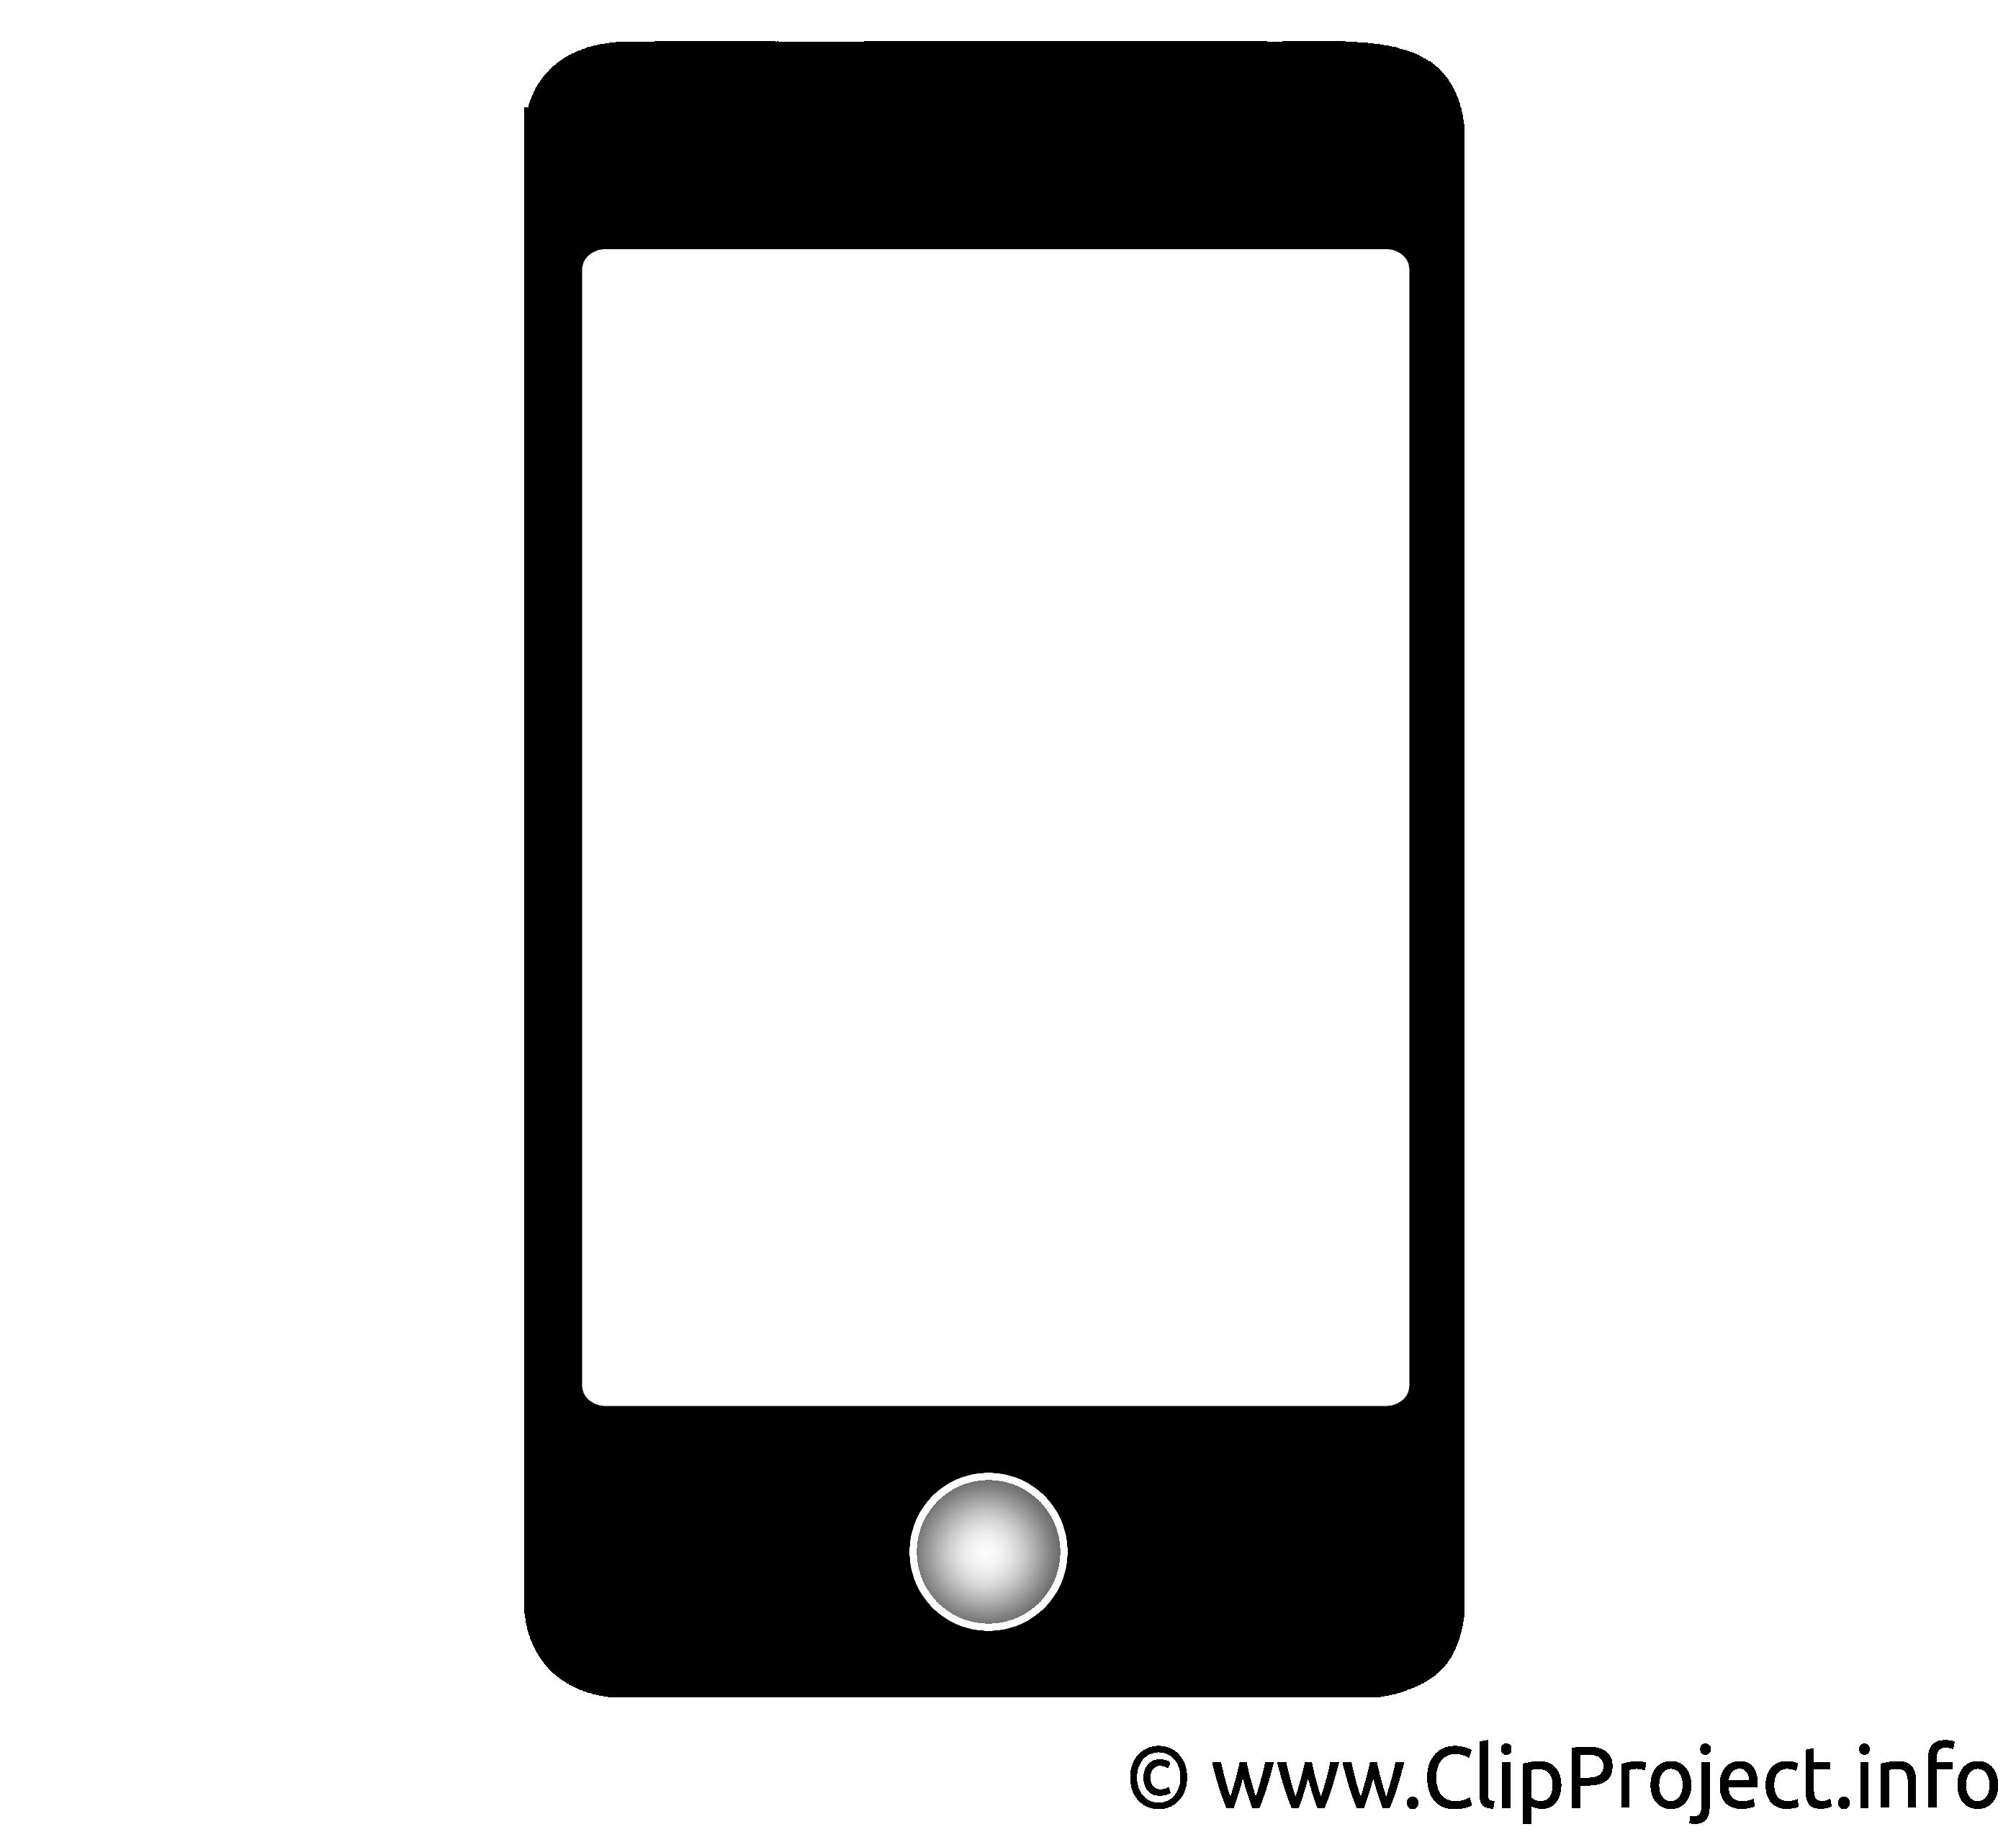 Tablette clip arts gratuits - Noir et blanc illustrations